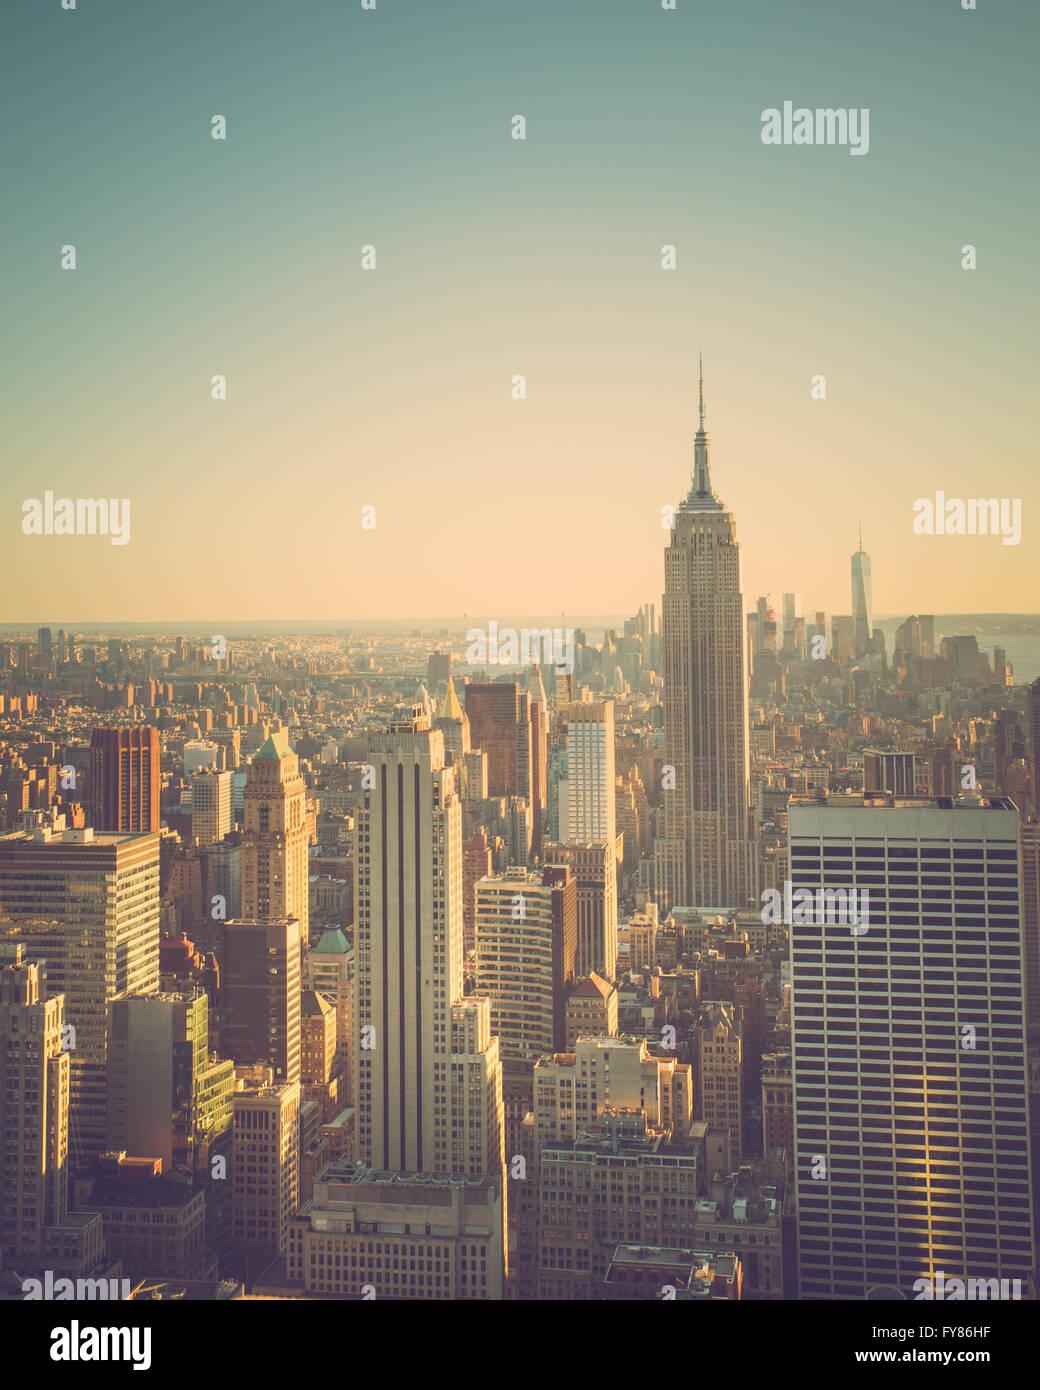 Vista su tutta la città di New York a midtown Manhattan al tramonto con tono vintage e Empire State Building Immagini Stock